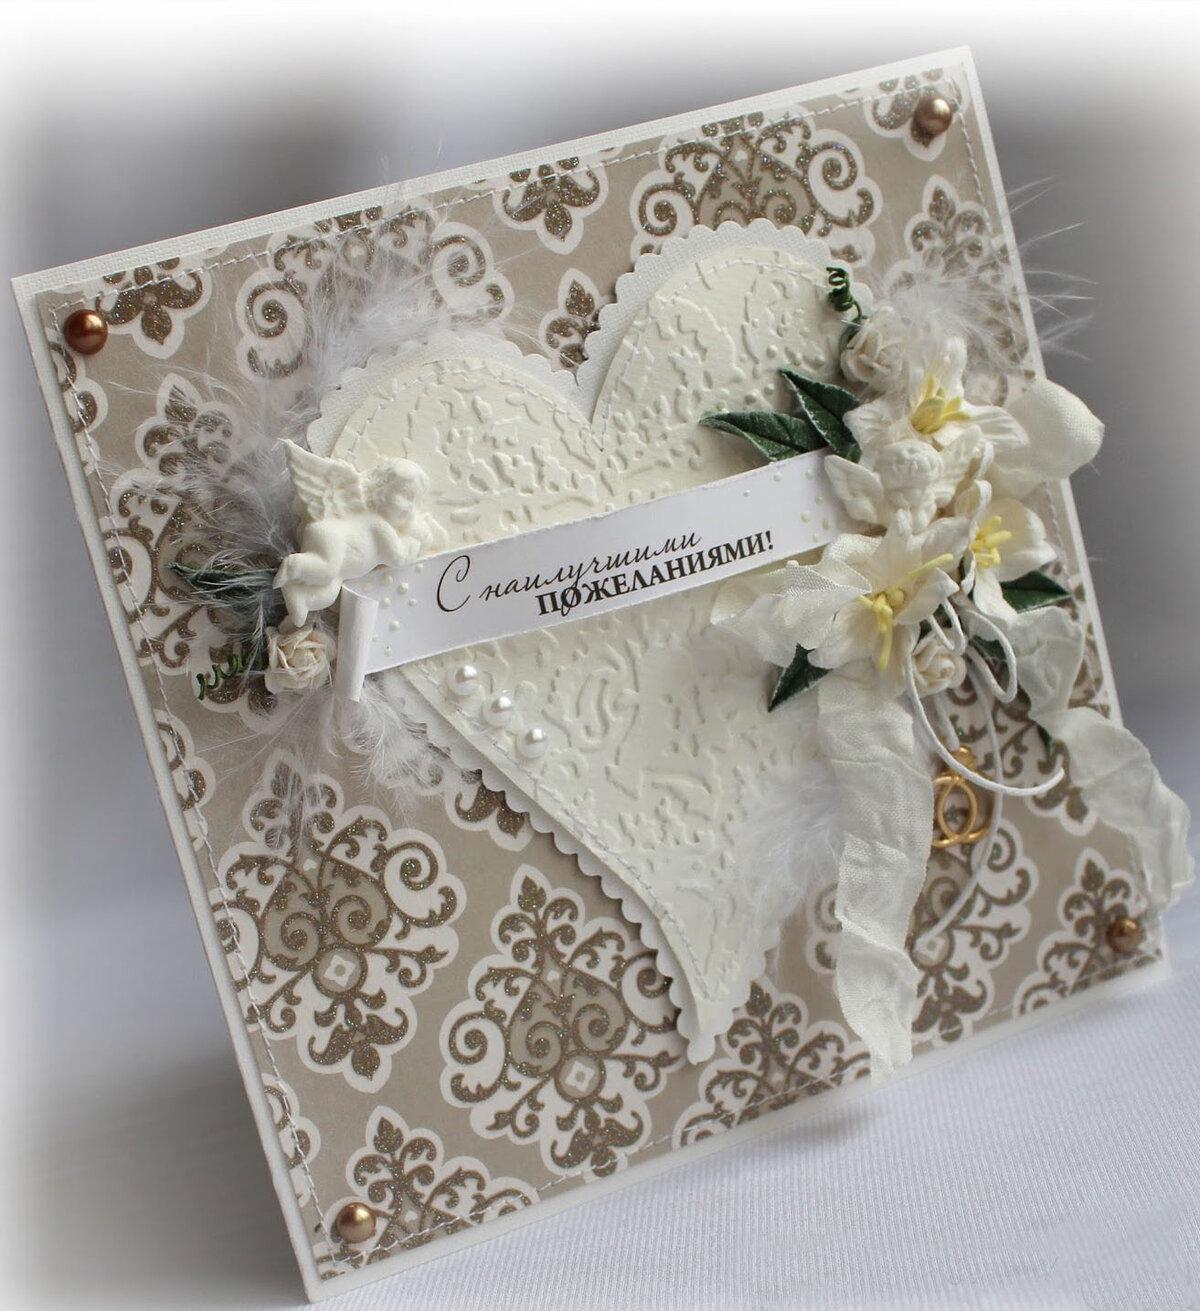 Открытка на свадьбу фото, днем рождения